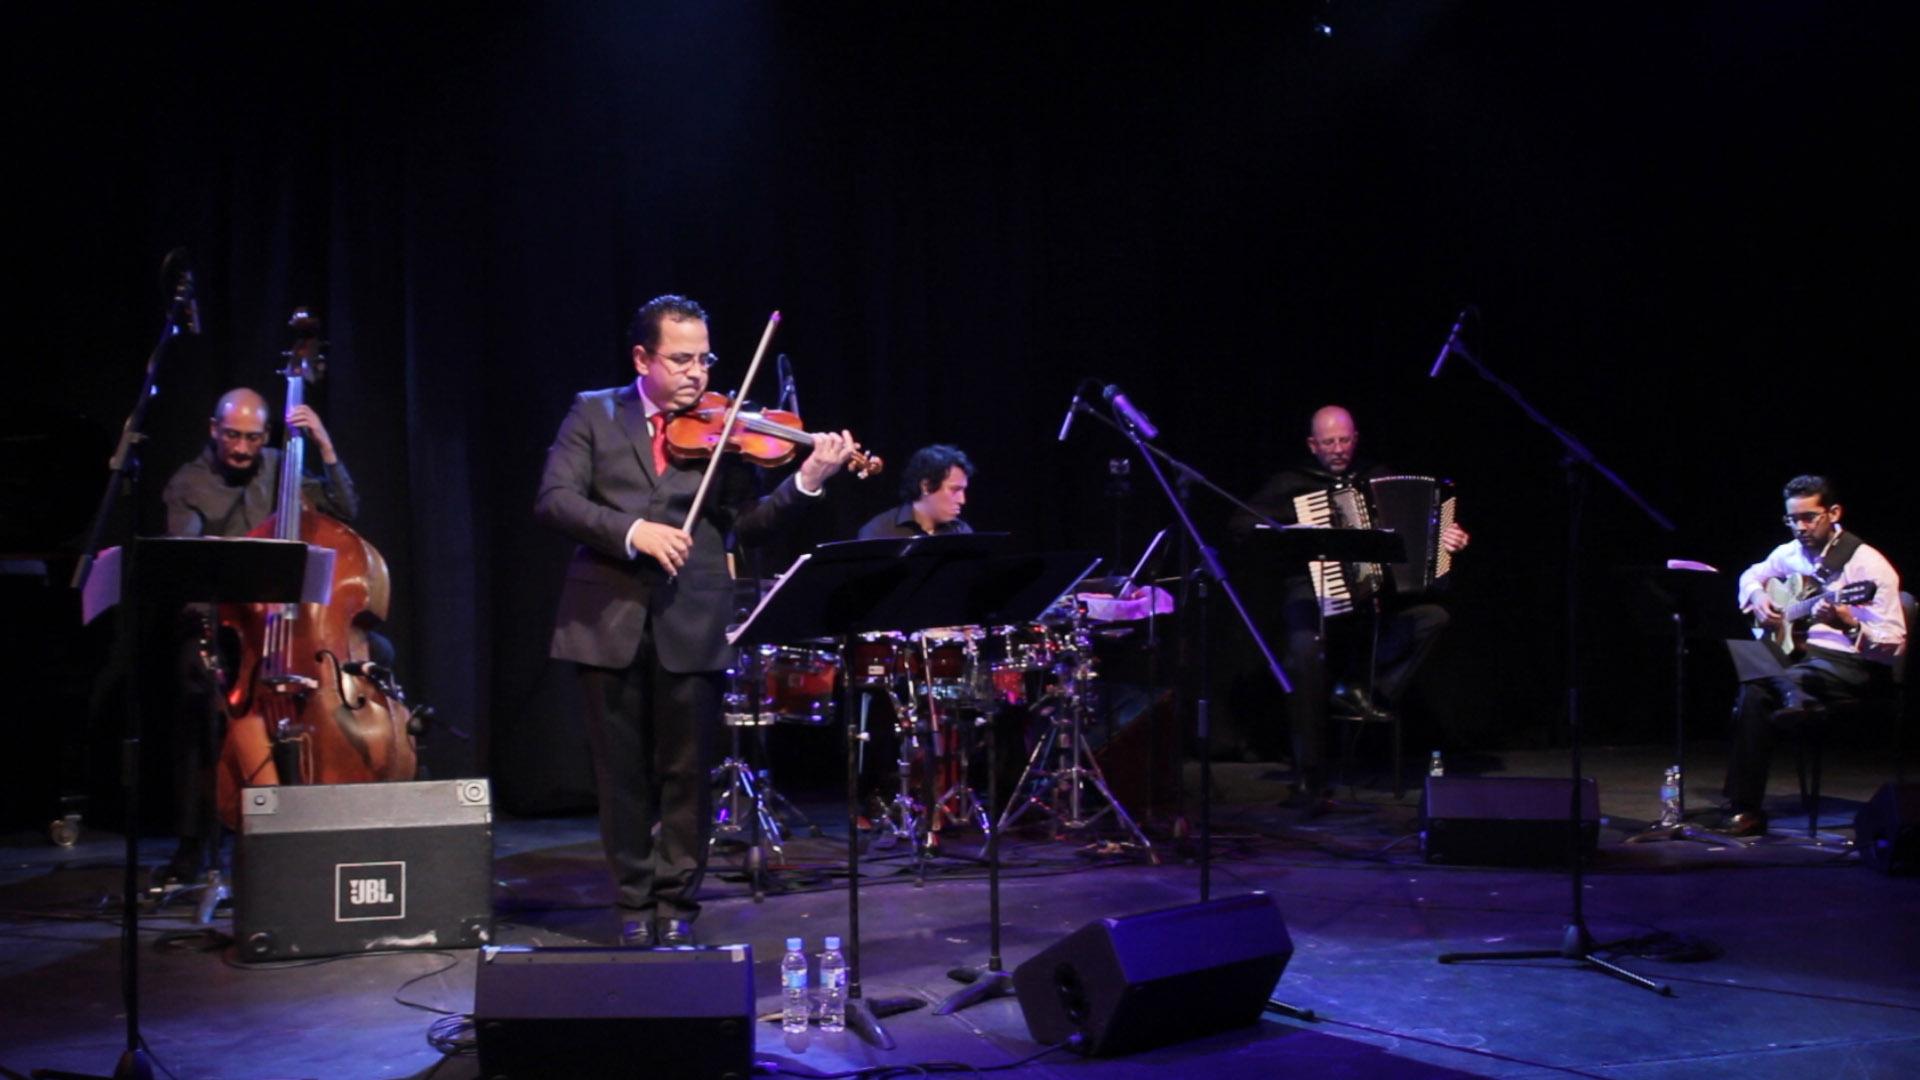 Viva Piazzolla en escena